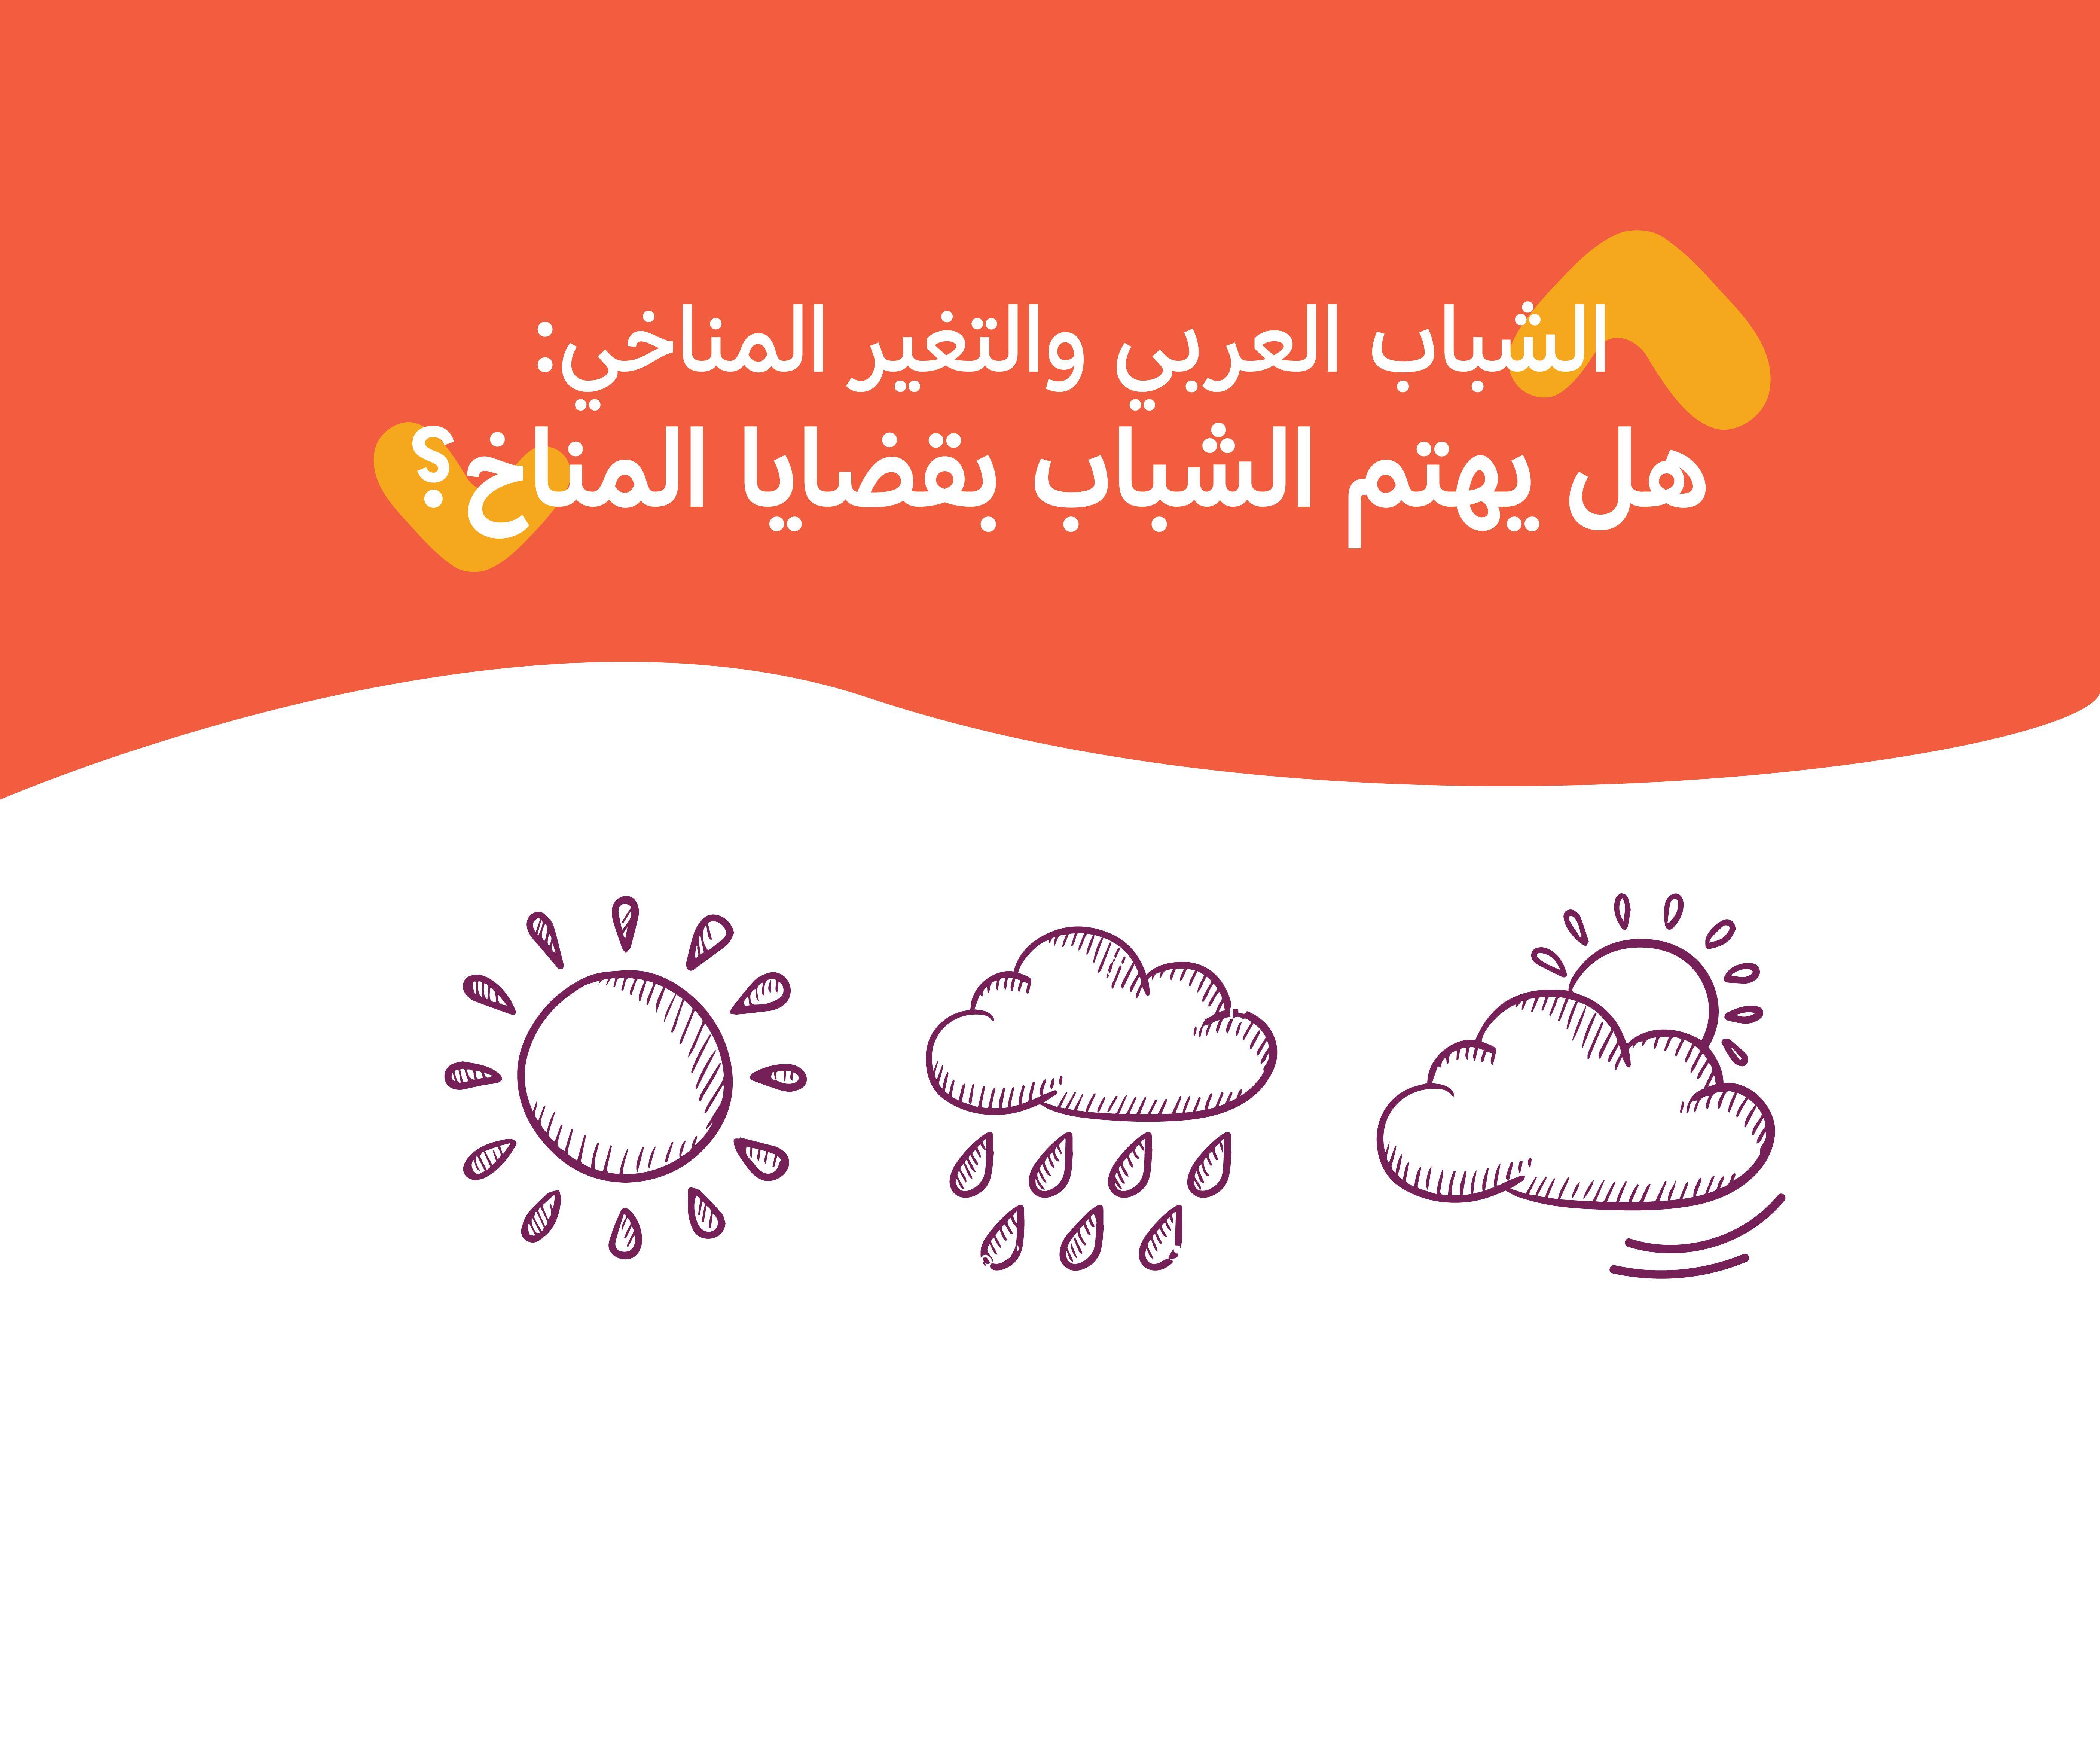 الشباب العربي والتغير المناخي: هل يهتم الشباب بقضايا المناخ؟